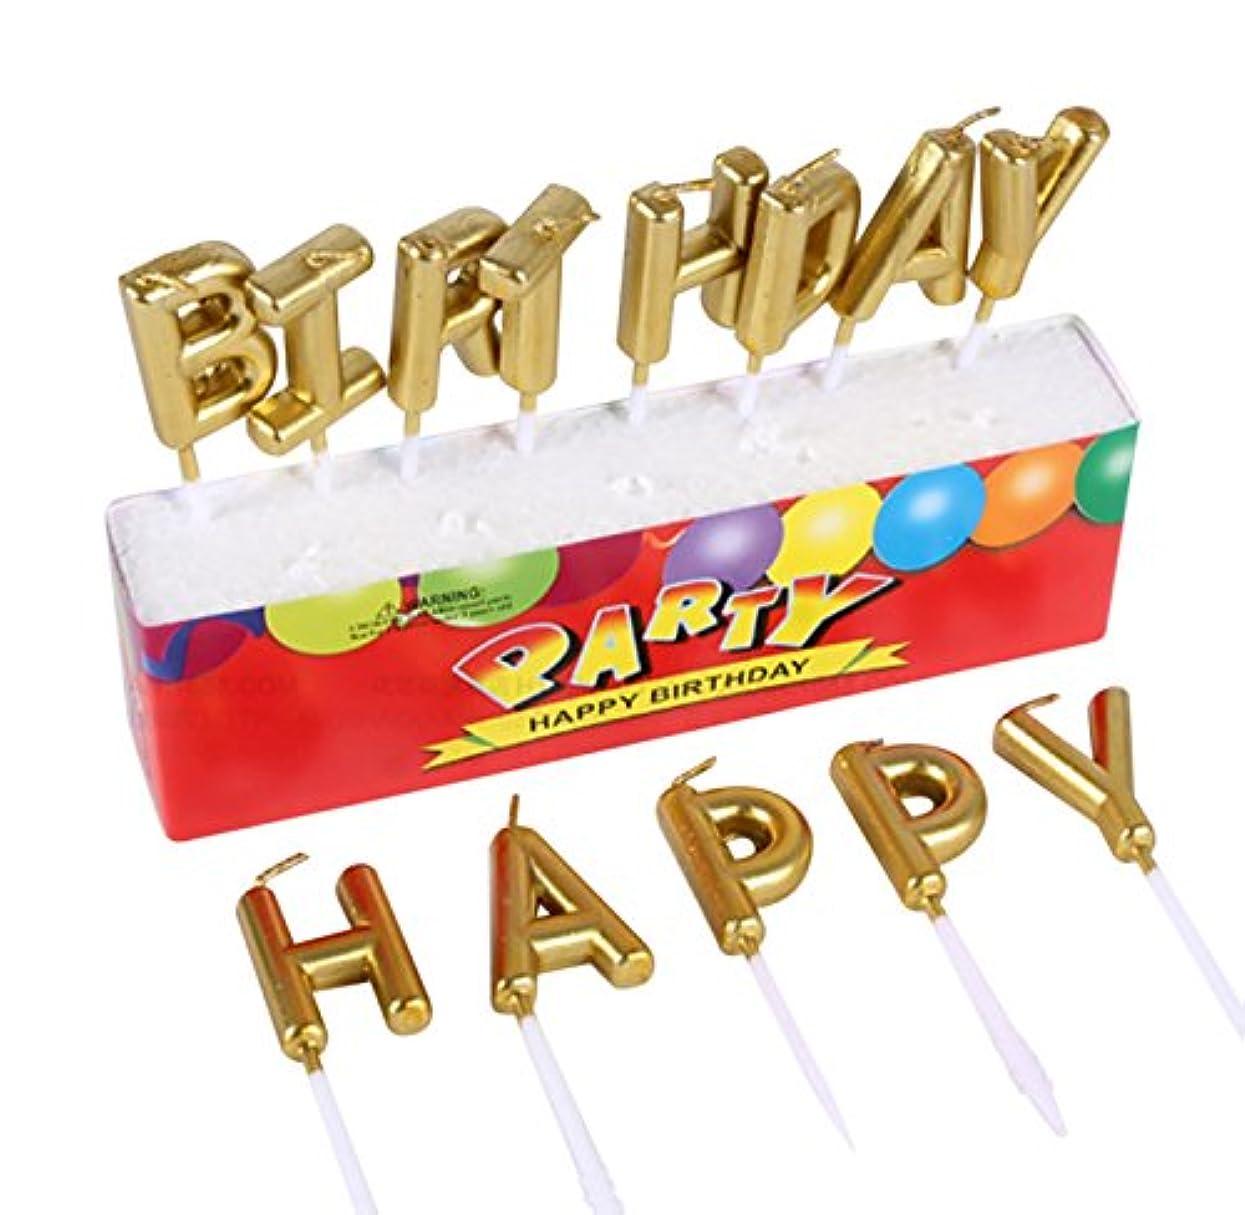 ゲート織機ビリーBirthday キャンドル 金色 お誕生日 ハッピー バースデー